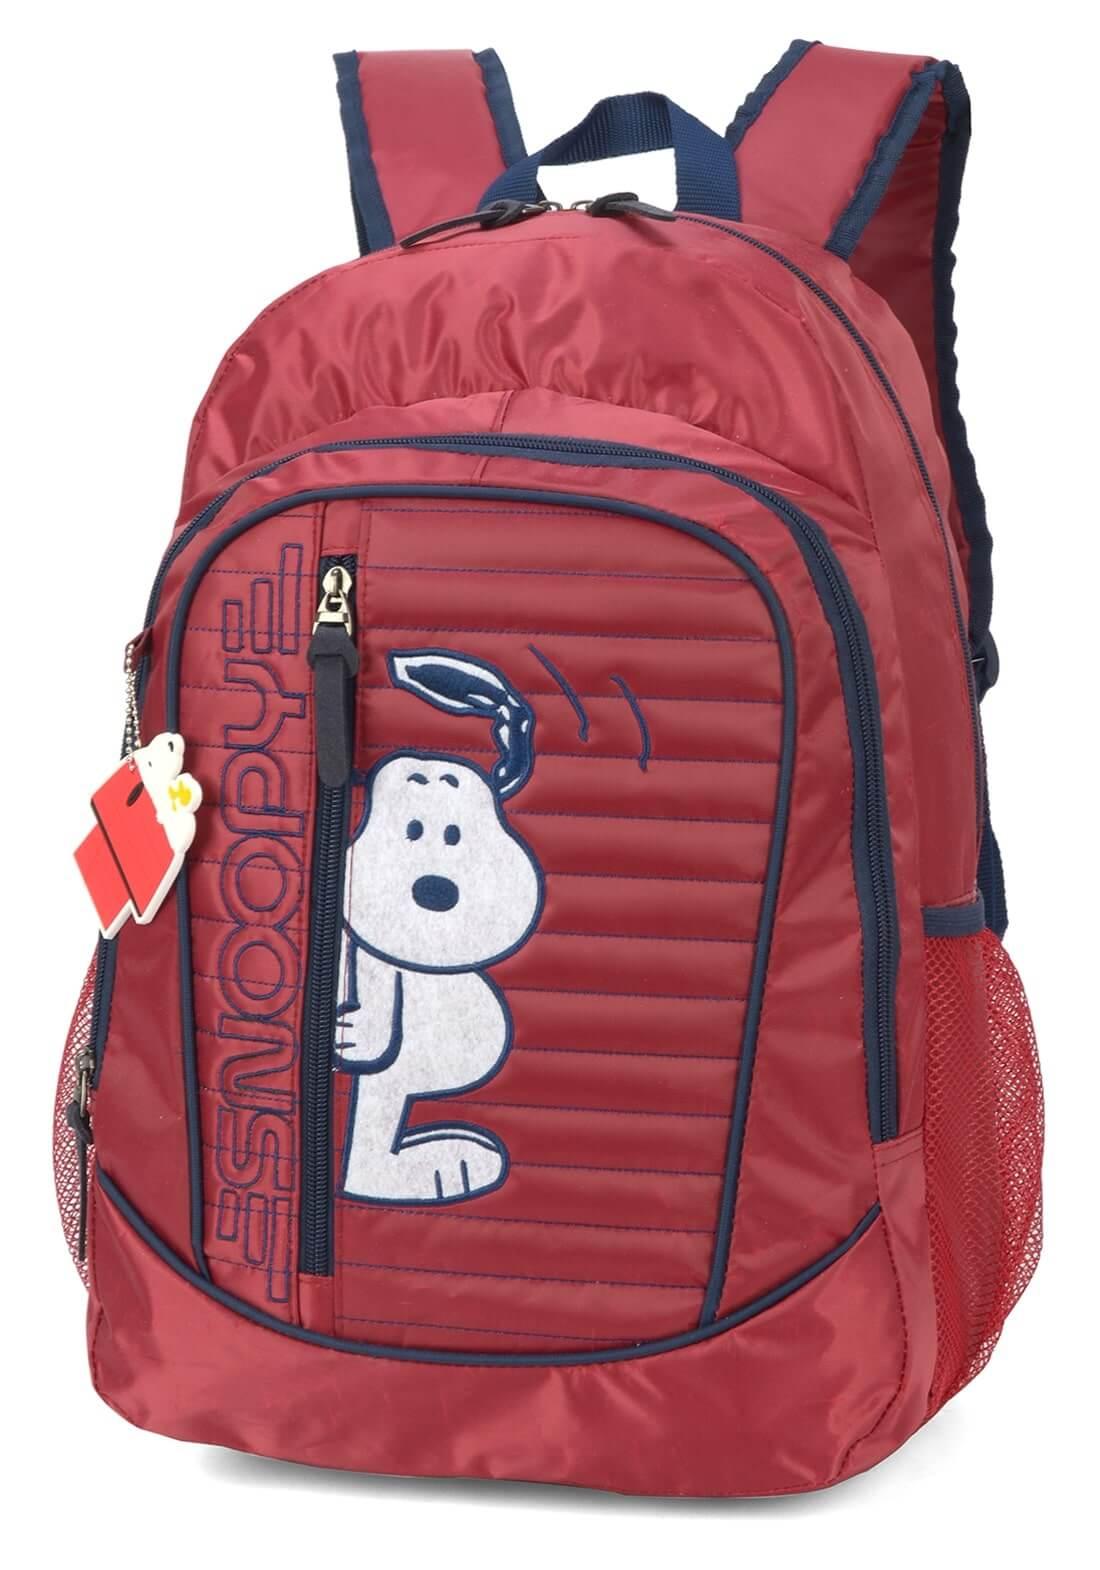 Mochila Peanuts Snoopy Notebook Vinho Original Garantia